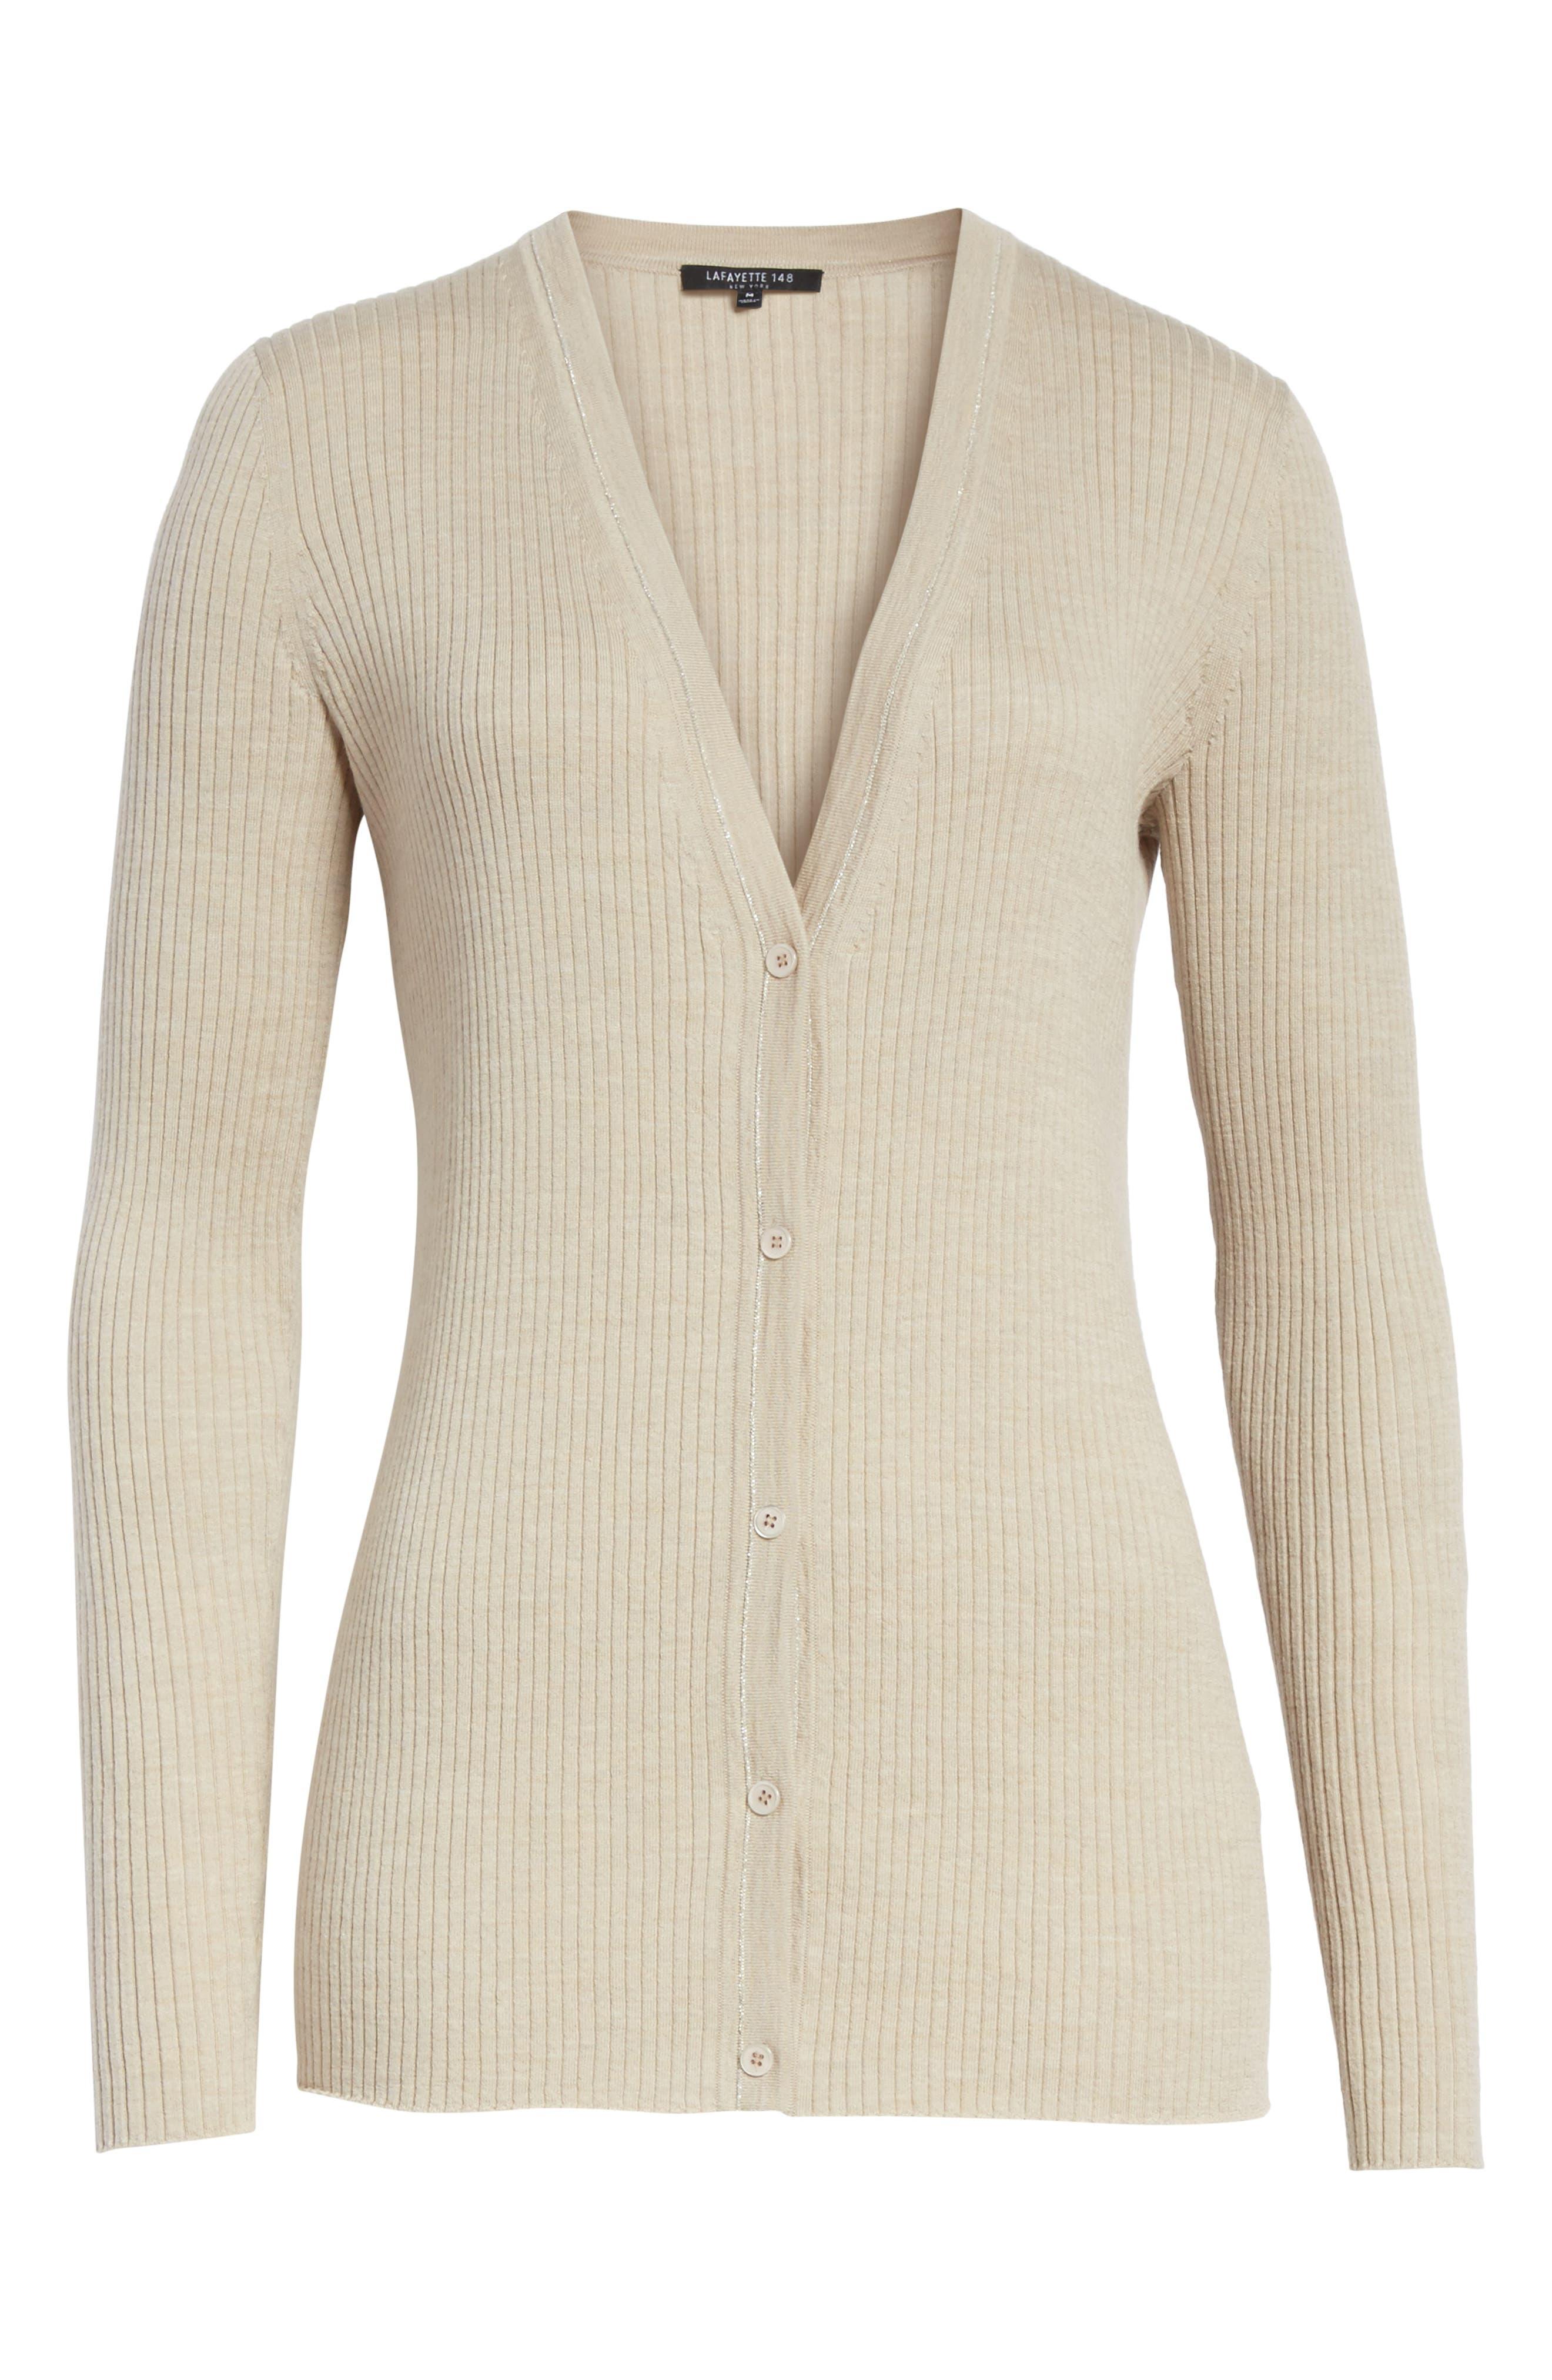 Metallic Wool Modern Ribbed Cardigan,                             Alternate thumbnail 7, color,                             Luxor Melange